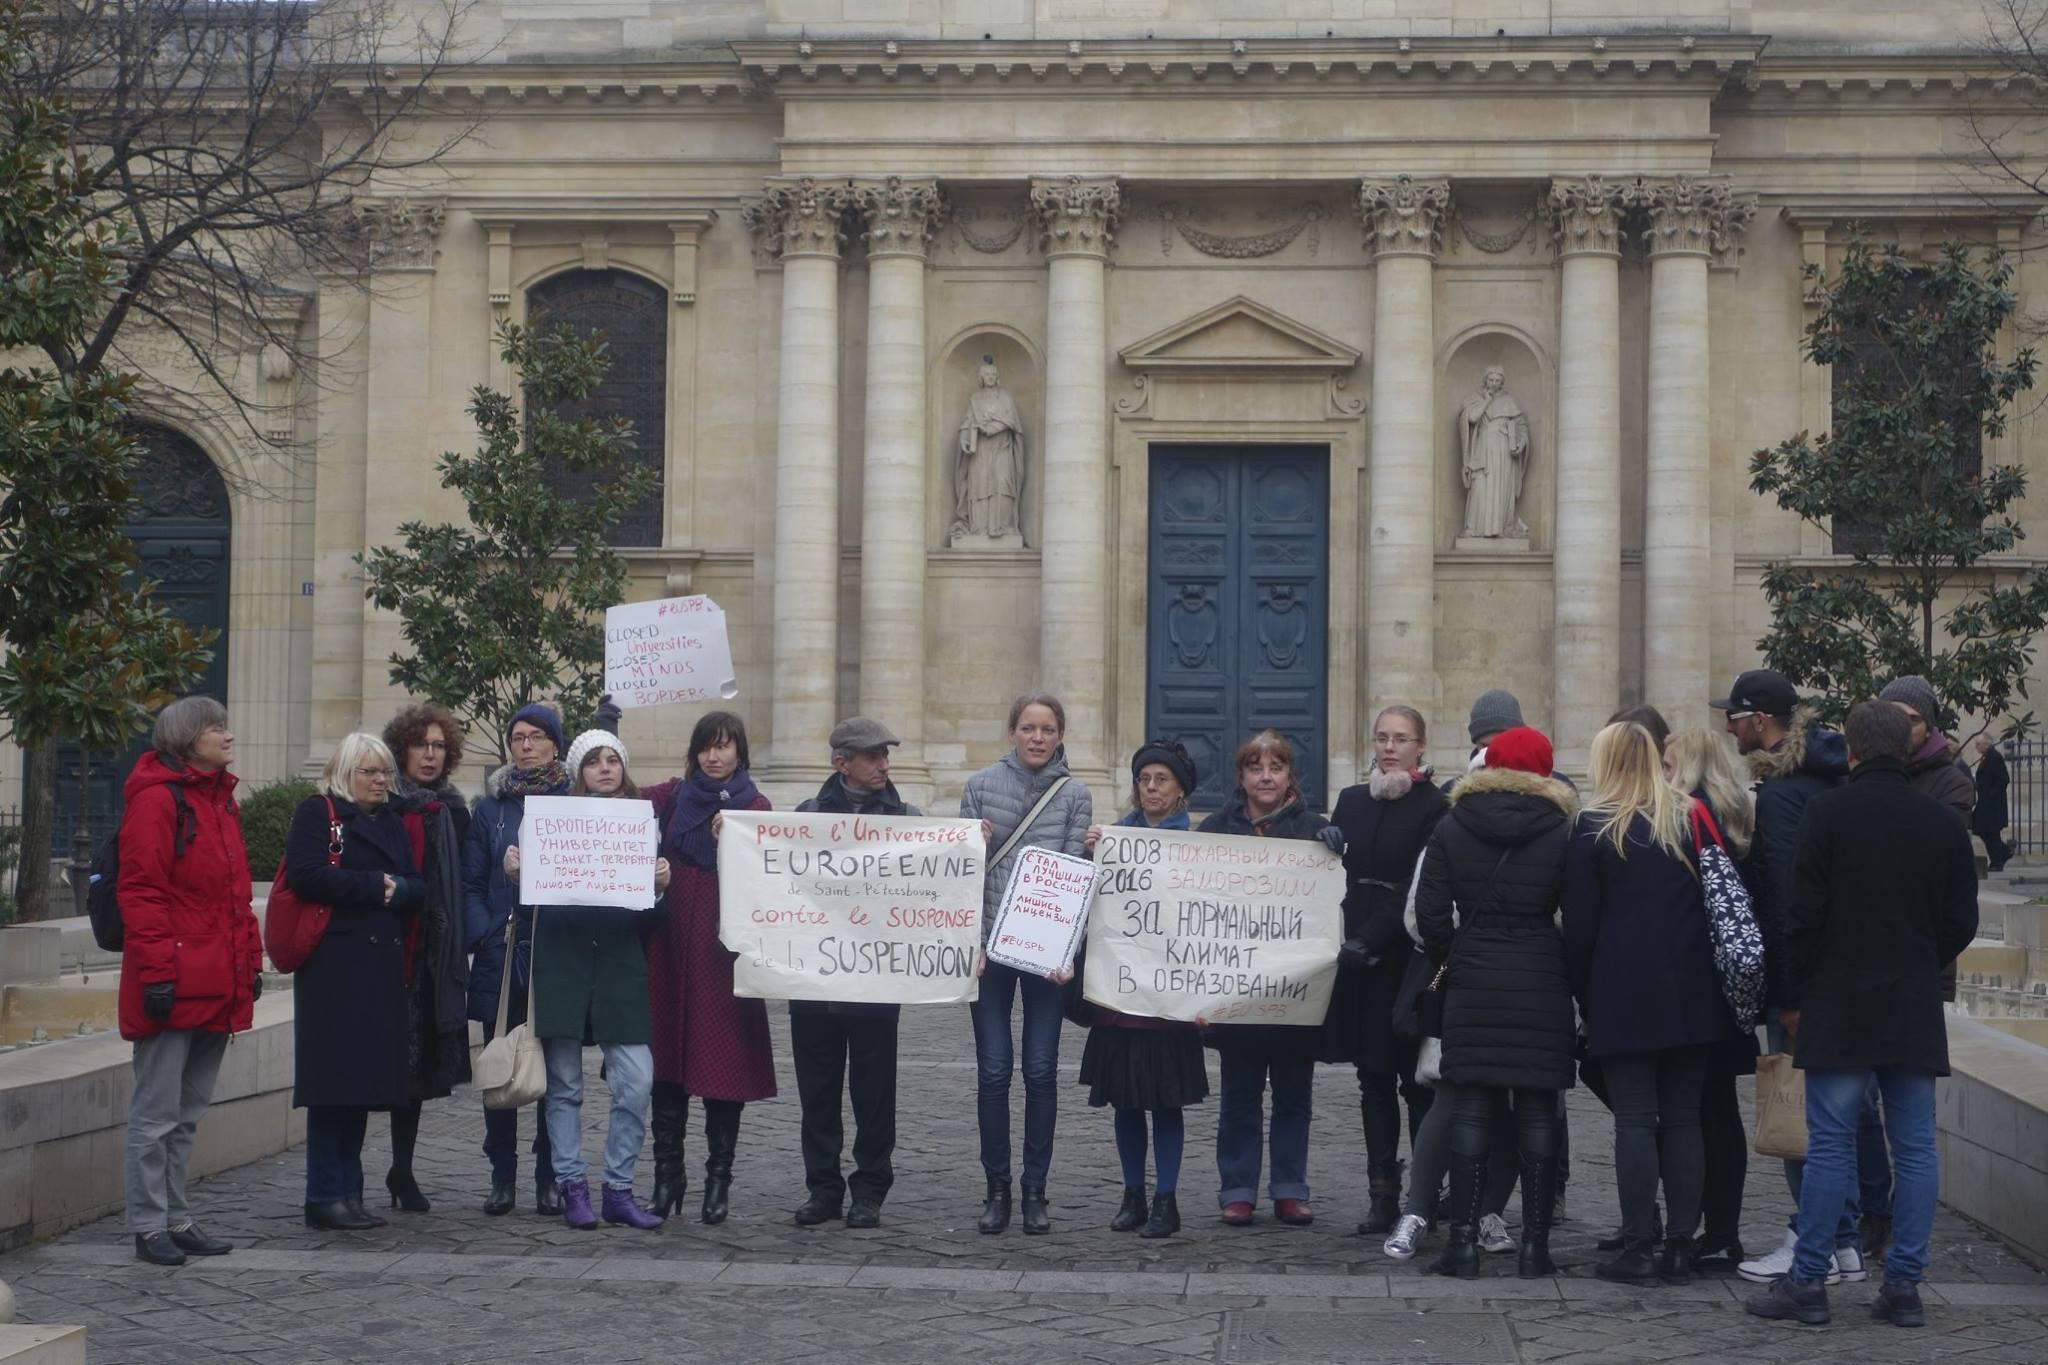 Пикет в Париже в поддержку Европейского университета Санкт-Петербурга